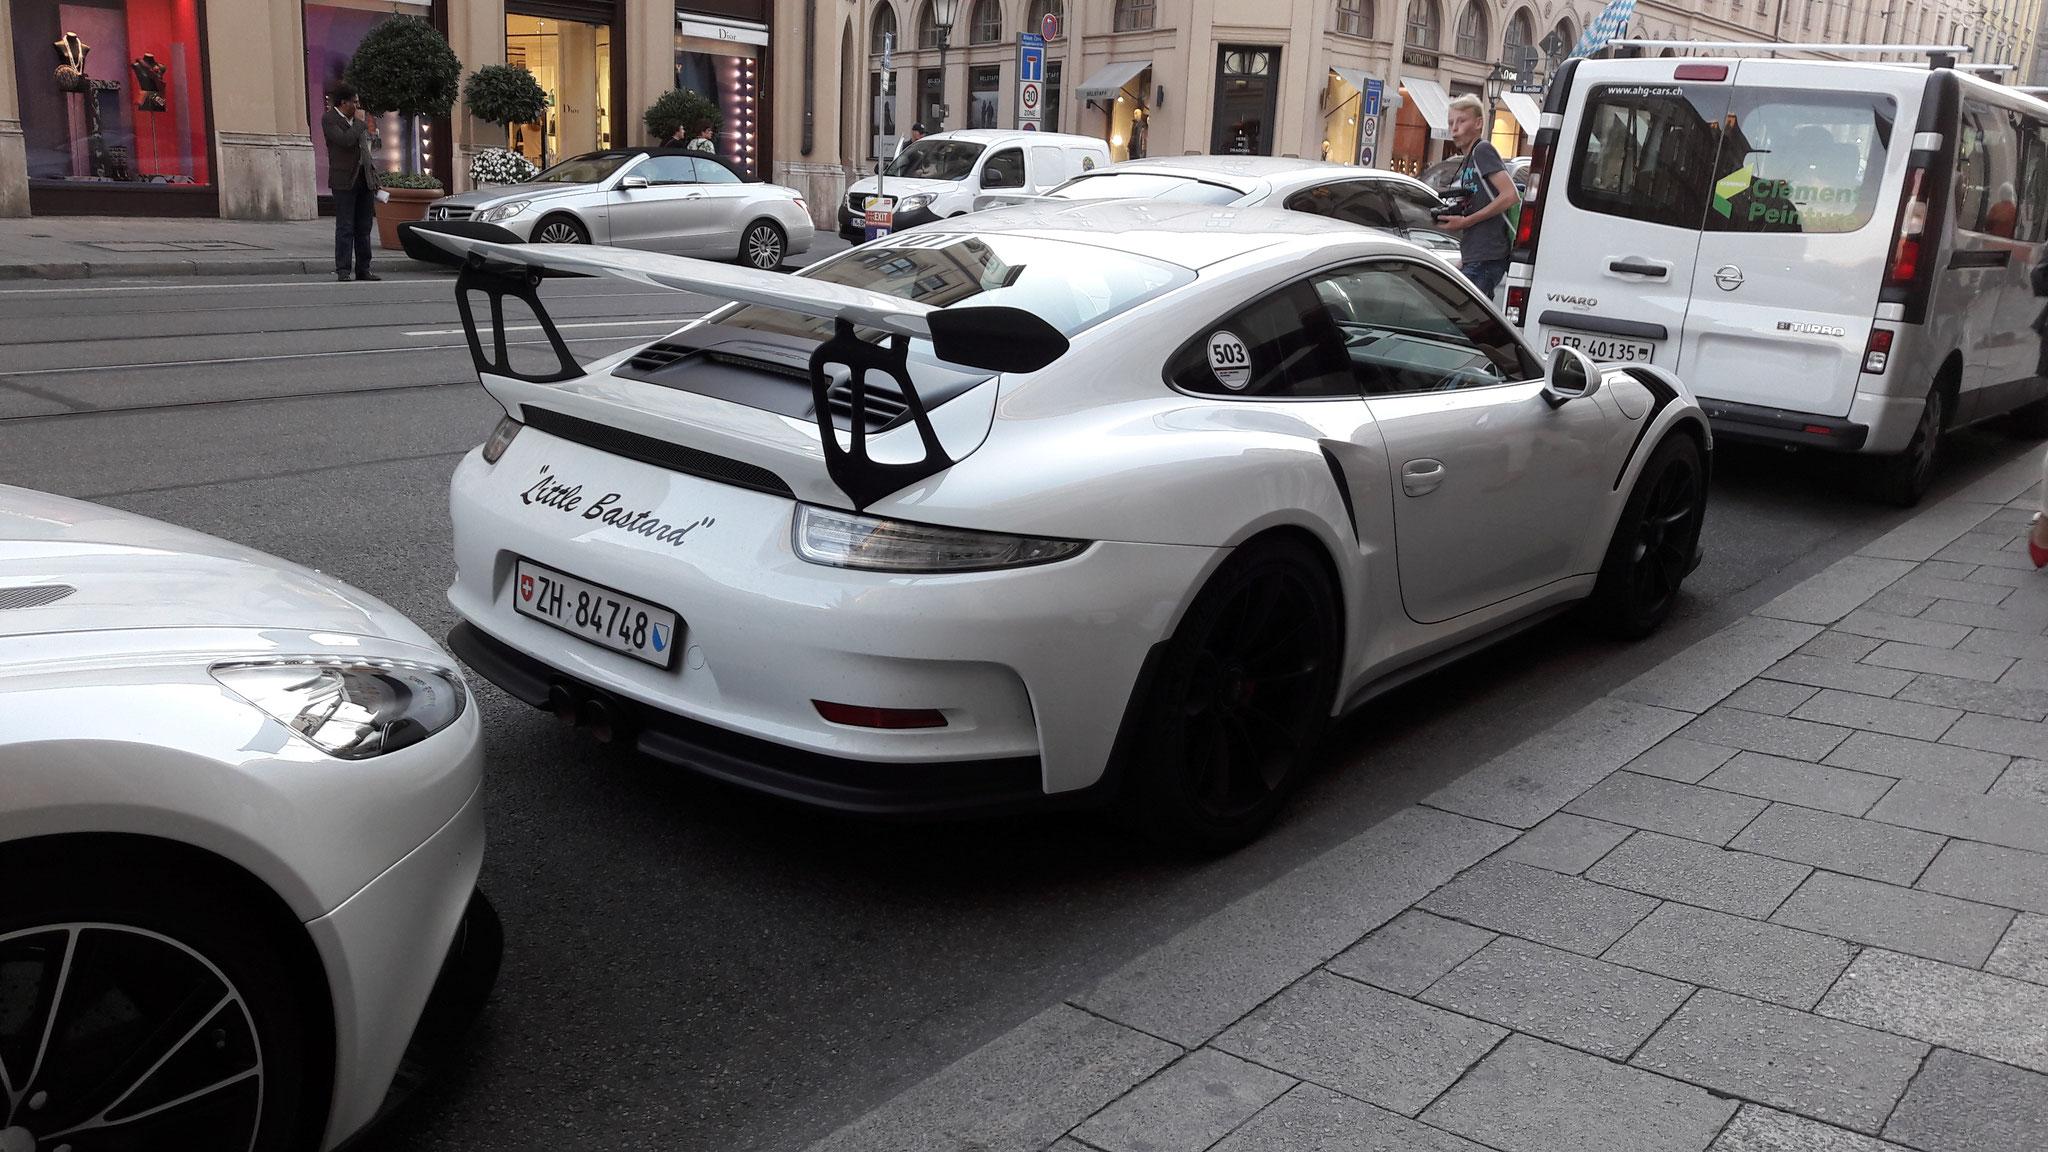 Porsche 911 GT3 RS - ZH-84748